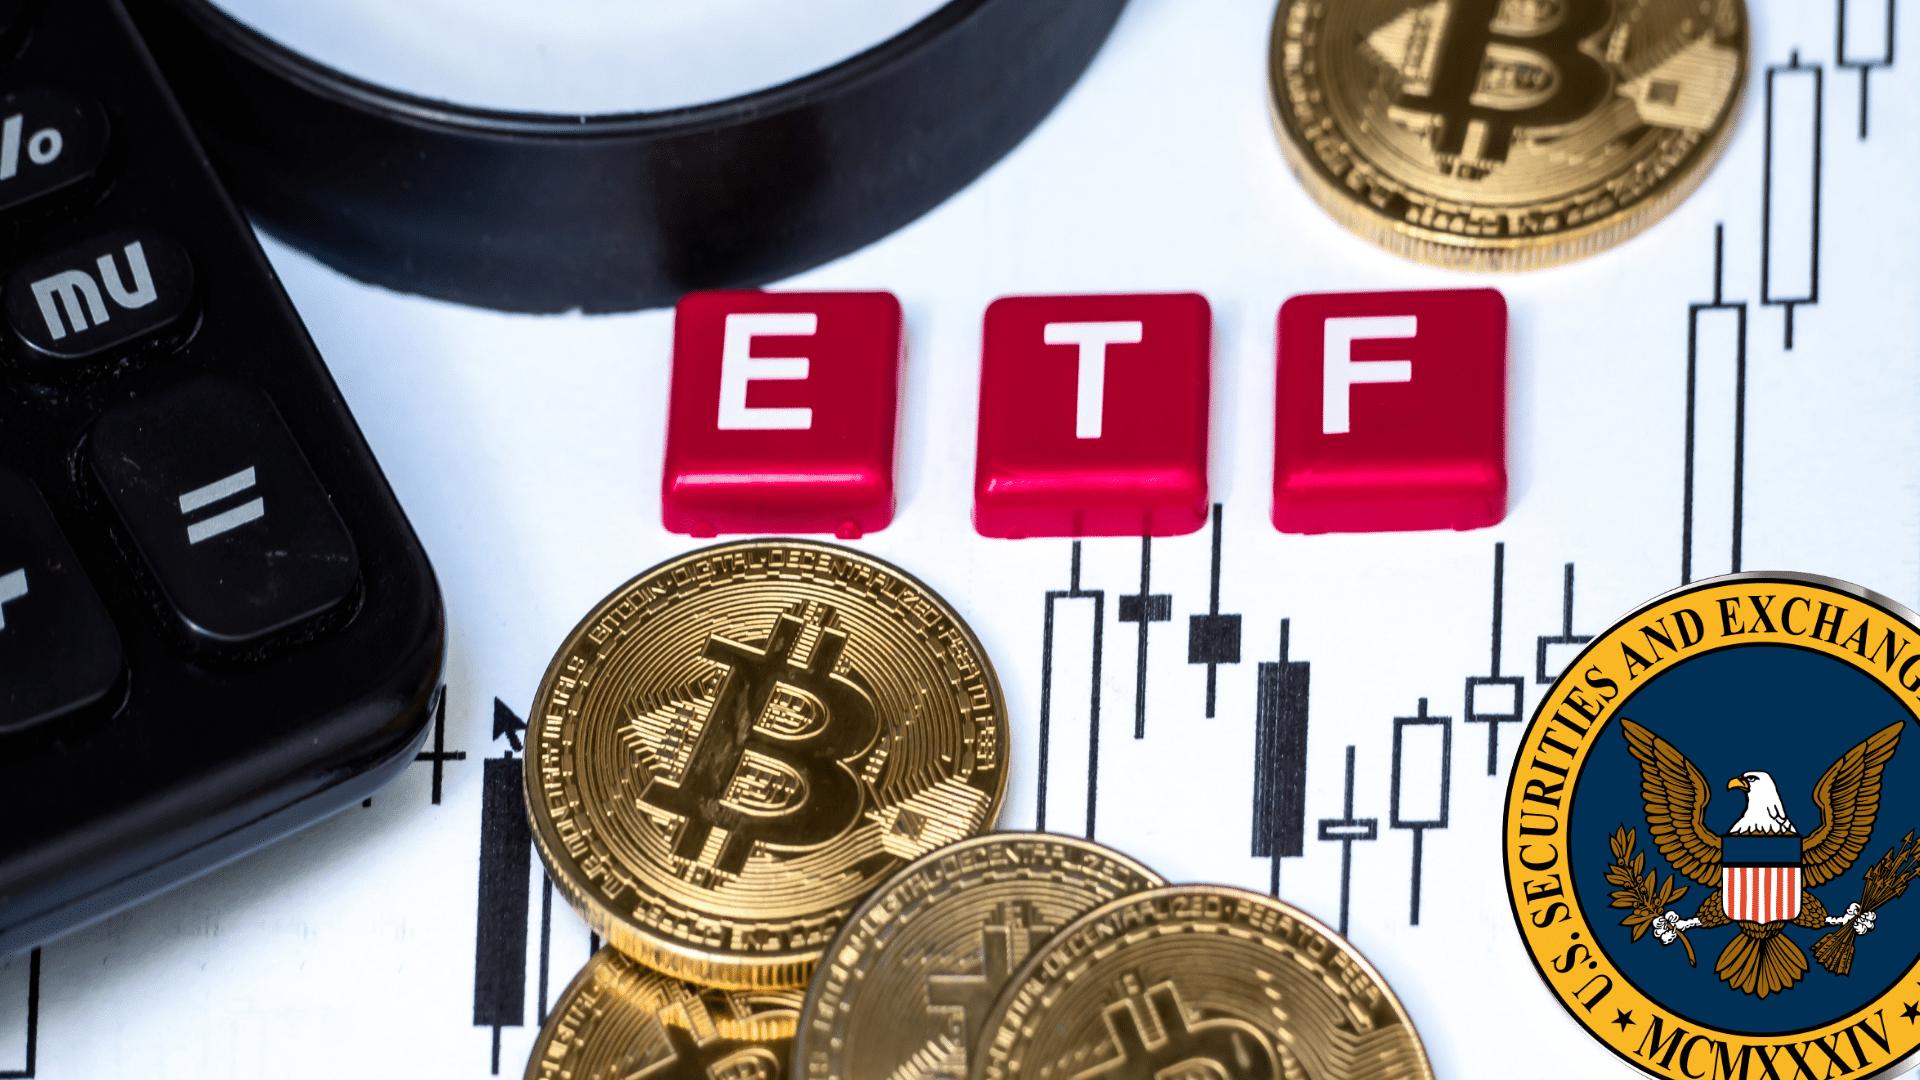 Bitcoin Short Etf